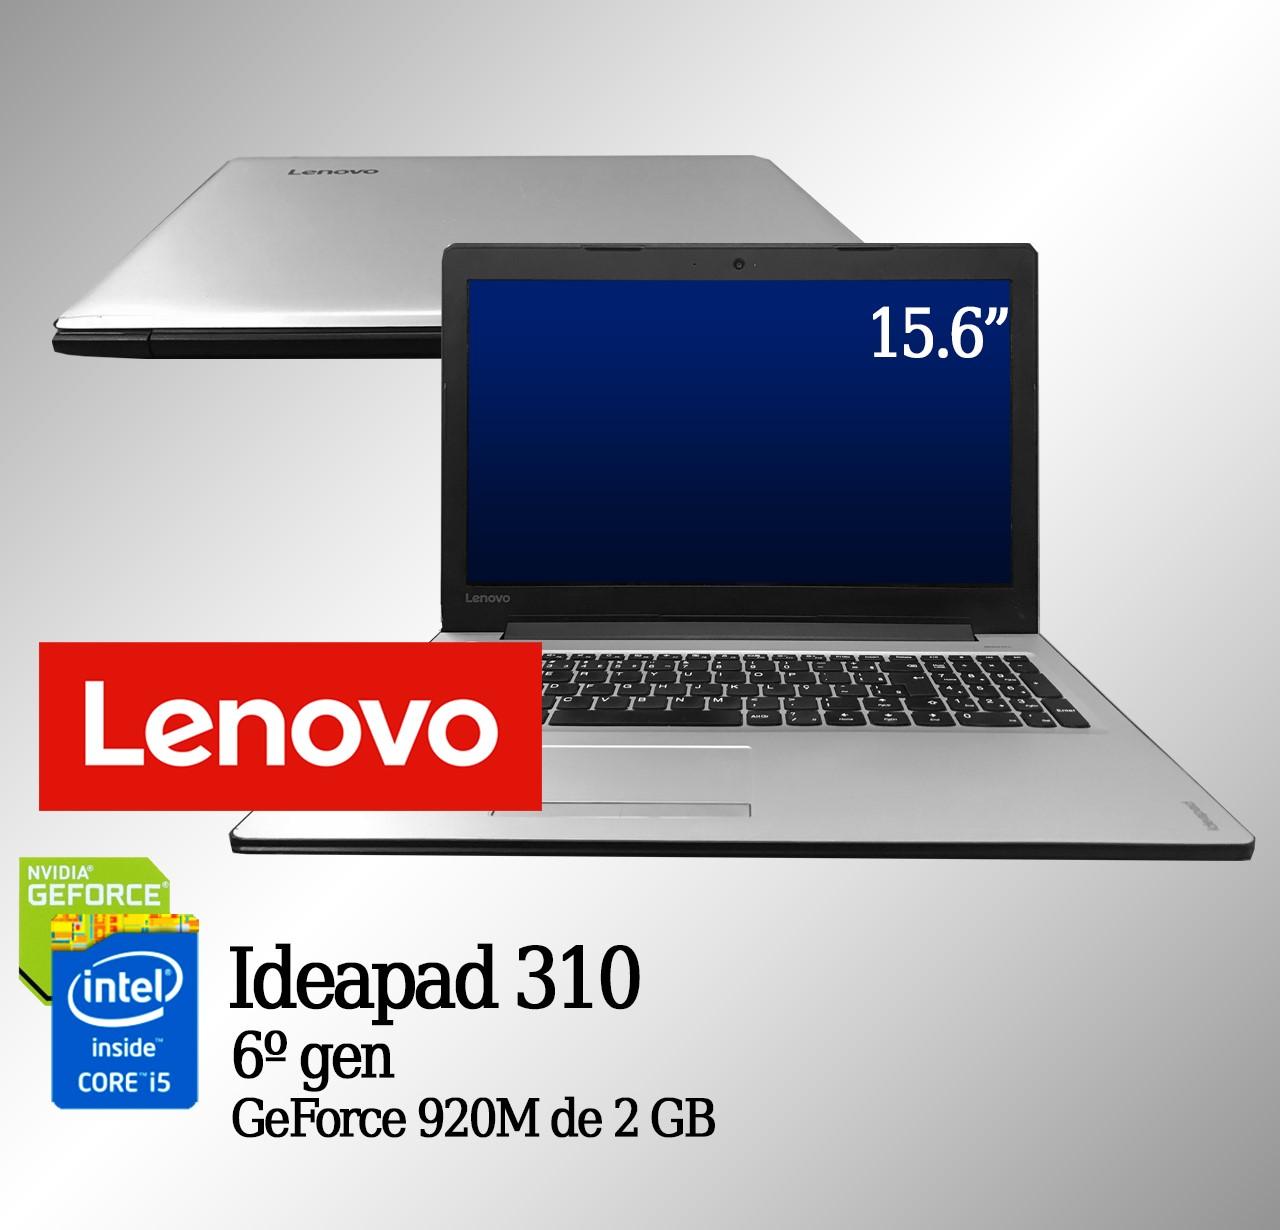 Laptop Lenovo Ideapad 310 Intel i5 6a Geração 8GB de memória RAM, 120GB de SSD e 2GB de vídeo dedicado GeForce 920M